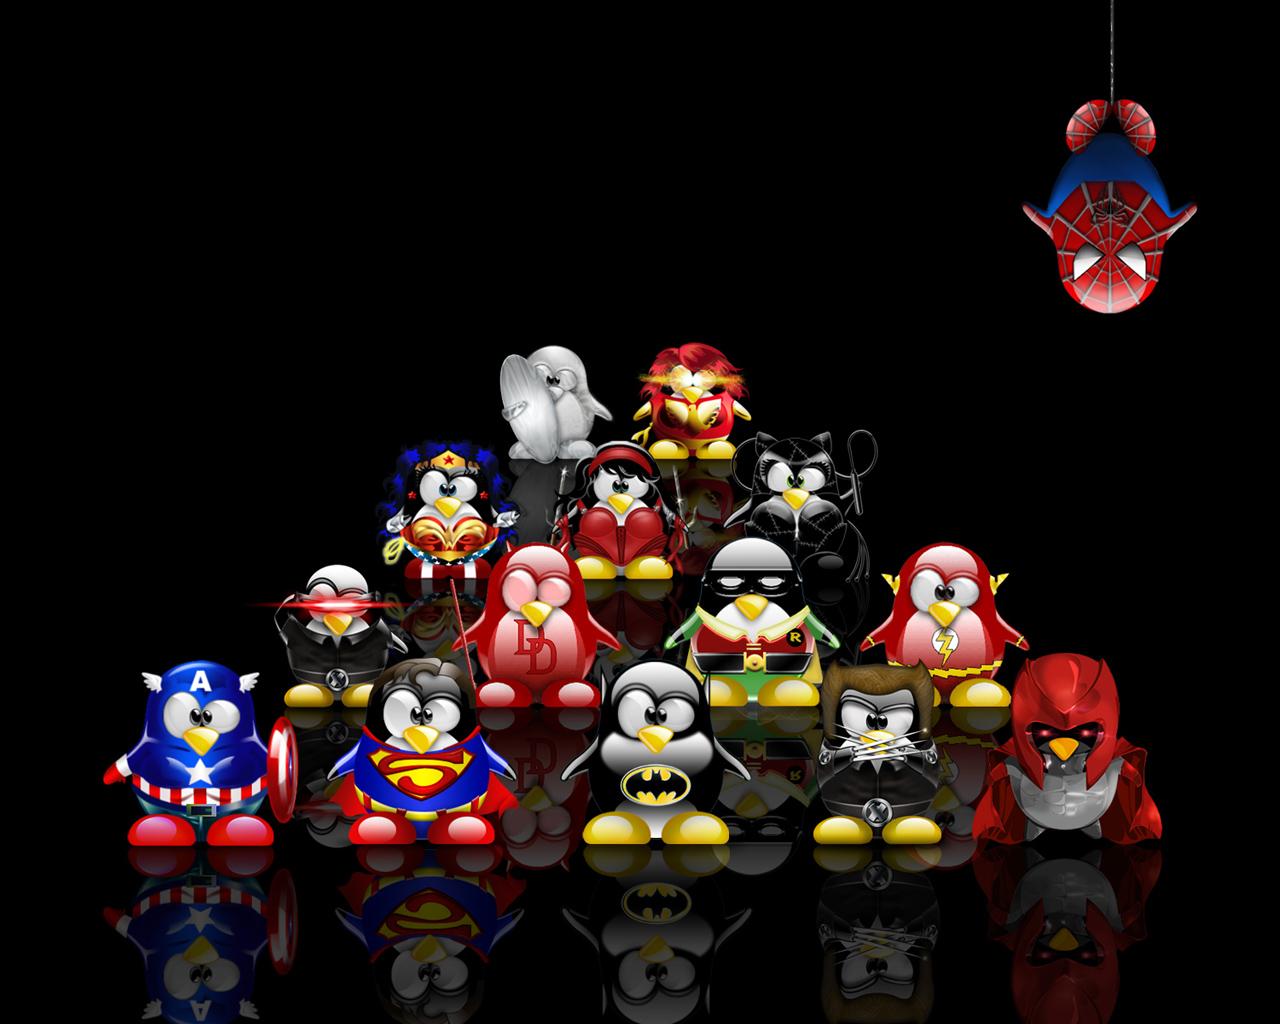 http://1.bp.blogspot.com/_YwkLaR3_dVY/THHR-9SS7_I/AAAAAAAAAic/ie5zRZagWn4/s1600/72089-heroes-black_sxga.jpg